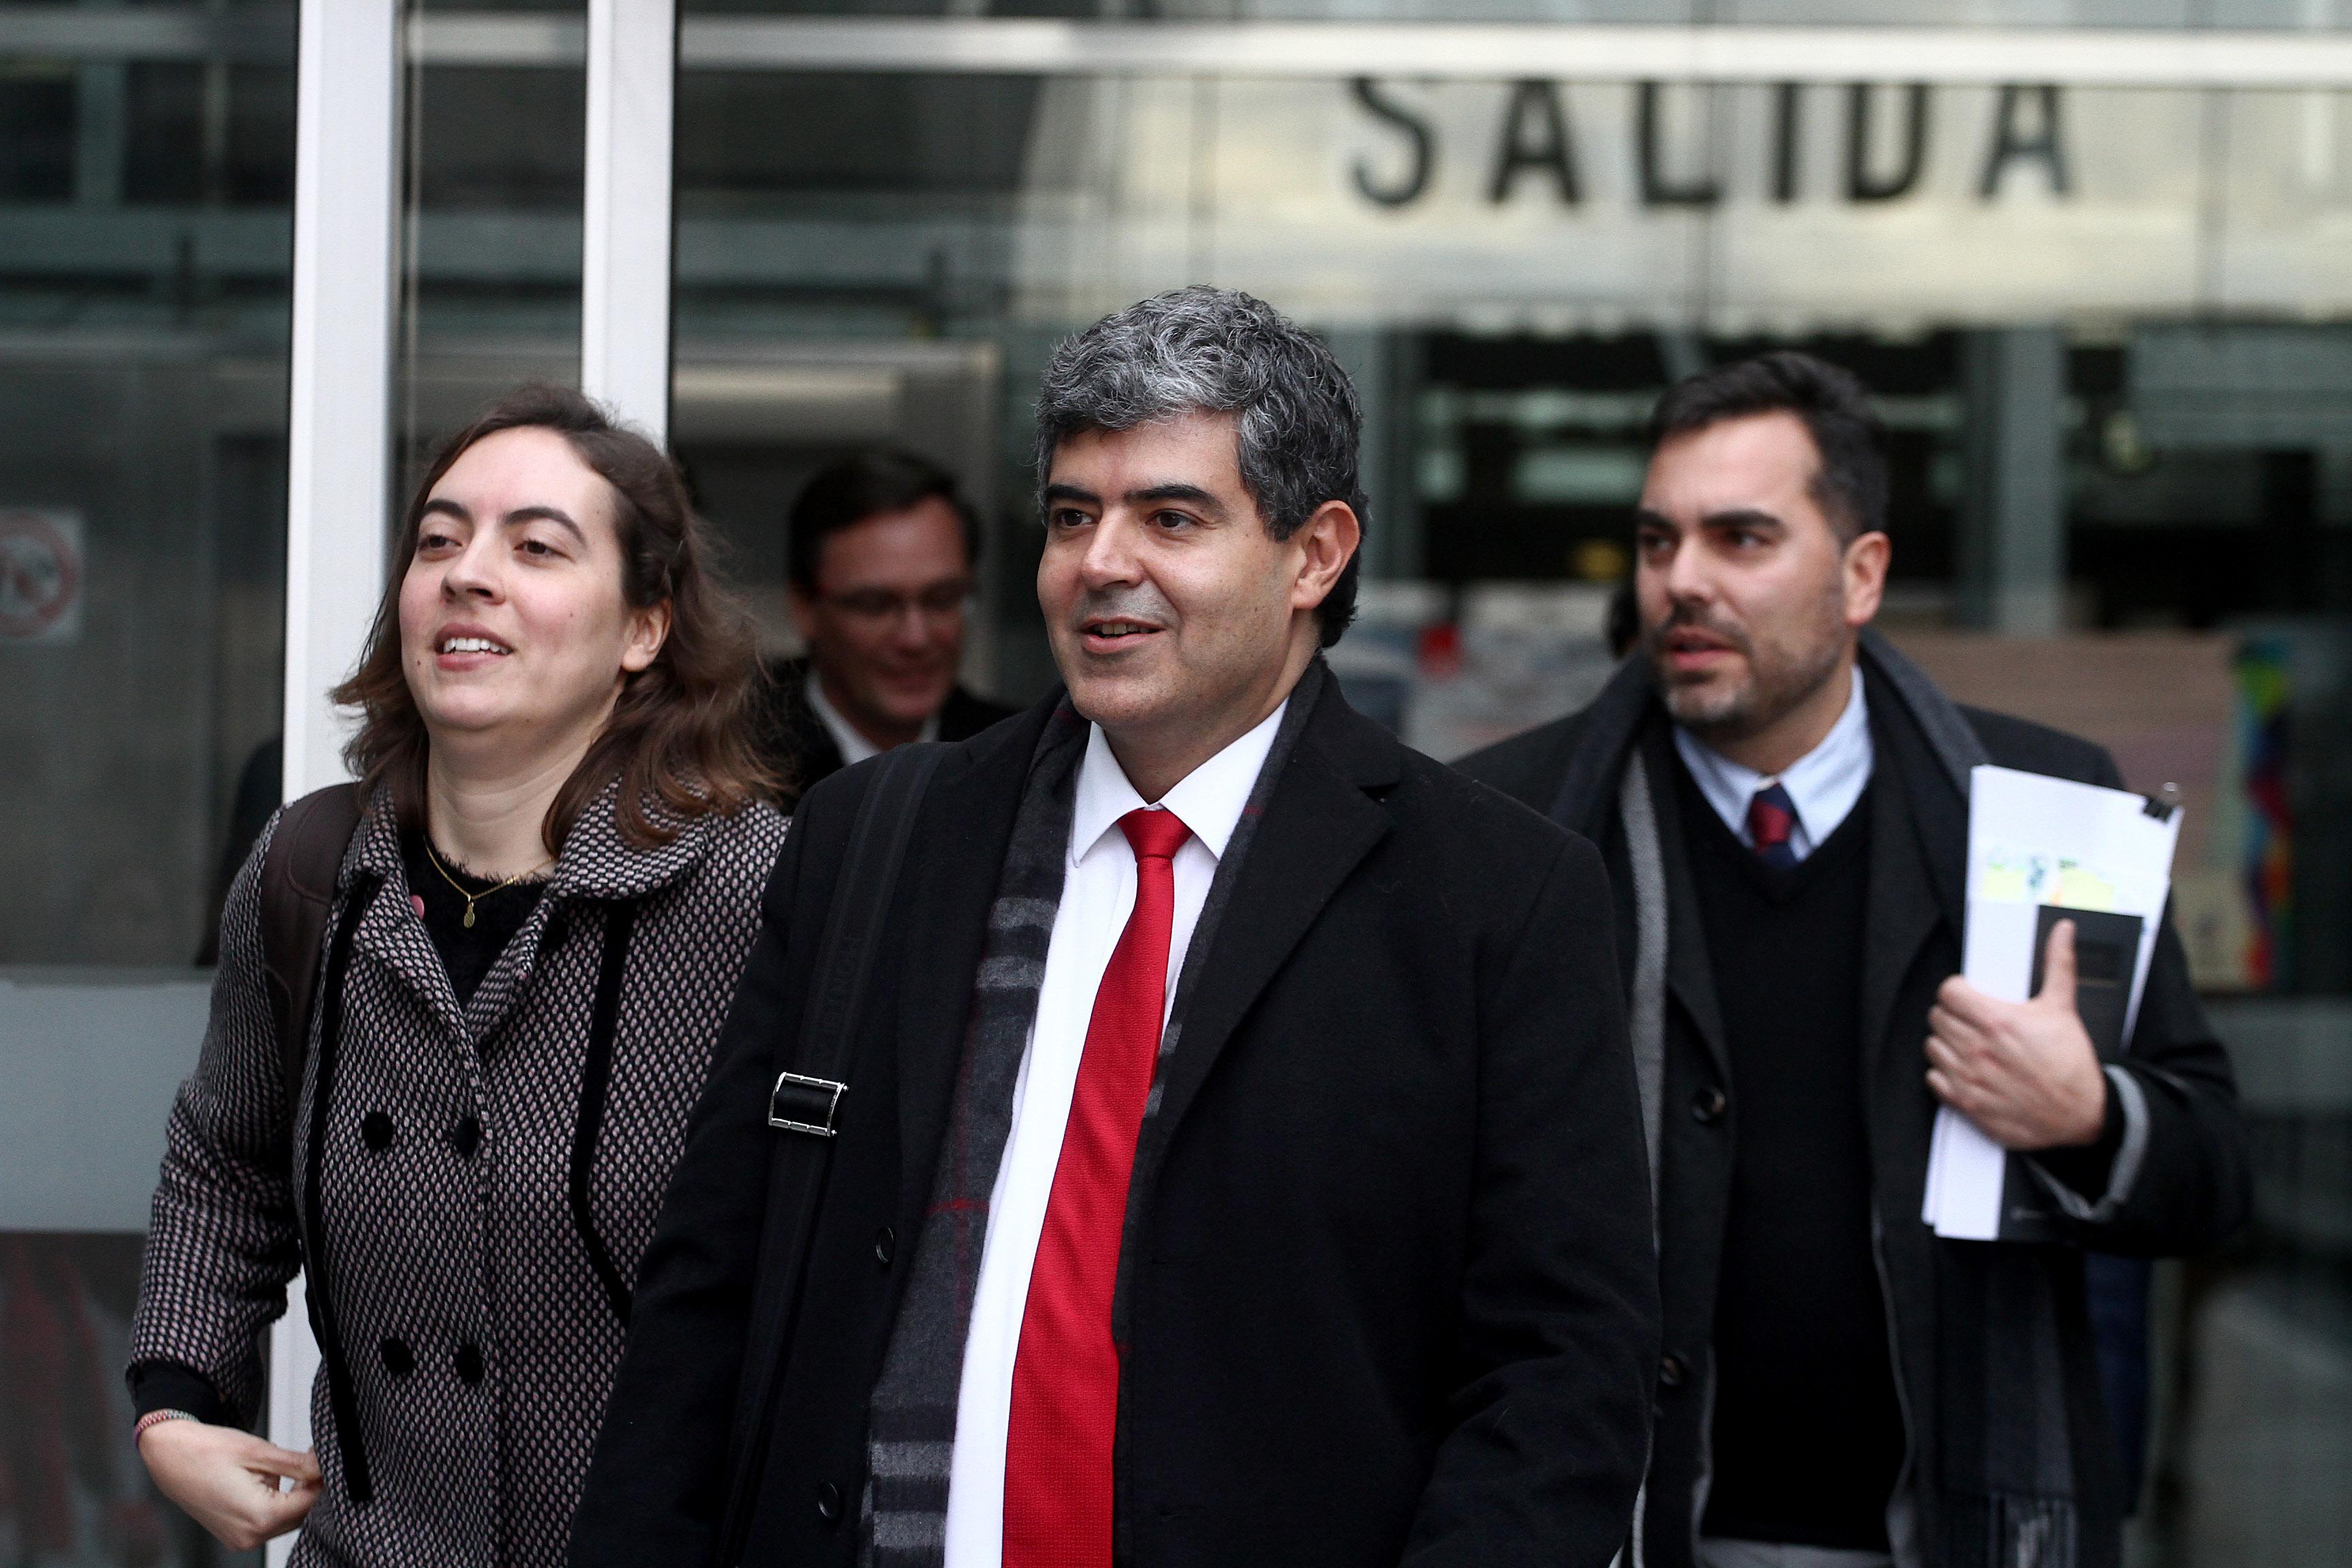 El abogado de la fundación Ciudadano Inteligente, Mauricio Daza, se retira del Centro de Justicia tras el fin de la audiencia de reformalización en la que Délano y Lavín salieron beneficiados. Hans Scott | Agencia UNO